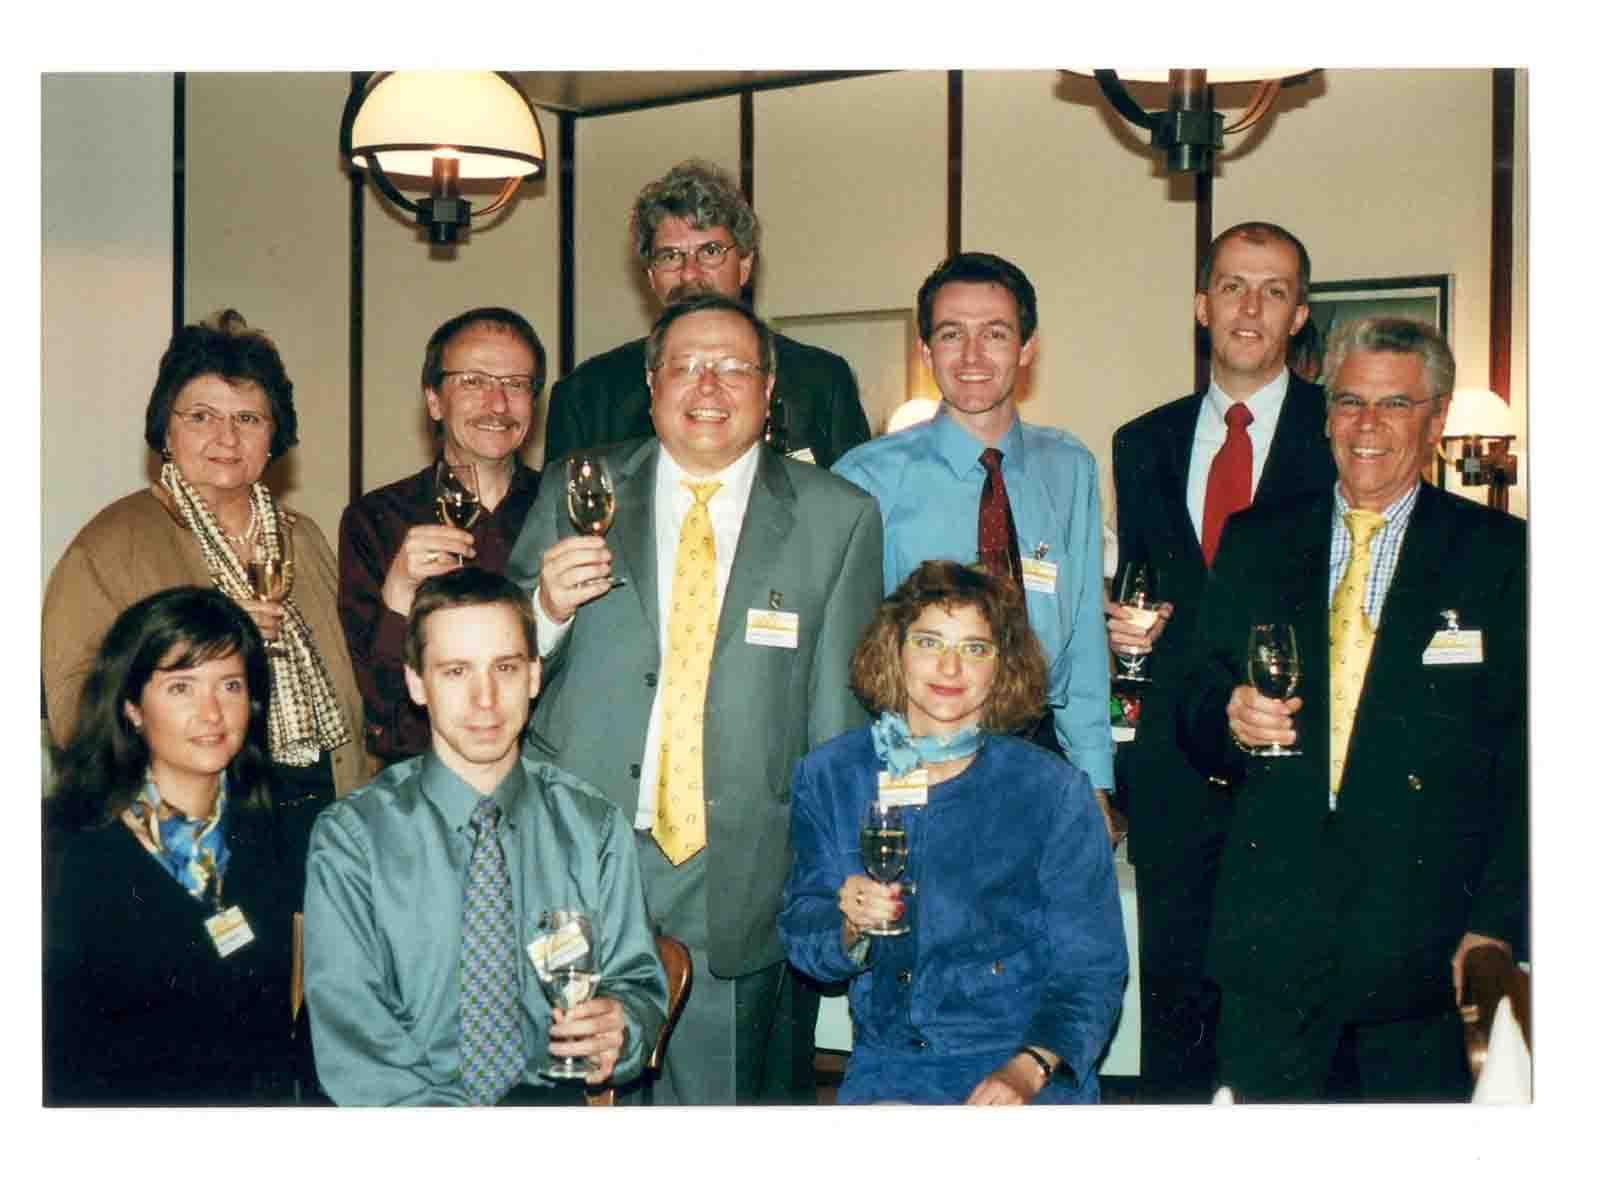 Der Vorstand des Gewerbe Wipkingen an der Generalversammlung 2003. Von links, hinten: Elsbeth Rosenberger, Reto Prader, Präsident Oskar Herber, Kurt Gammeter (verdeckt), Fredy Wunderlin, Heinz Wiedmer, Hans Wiederkehr. Vorne: Nadia Martino, Martin Bürlimann, Barbara Schürz.